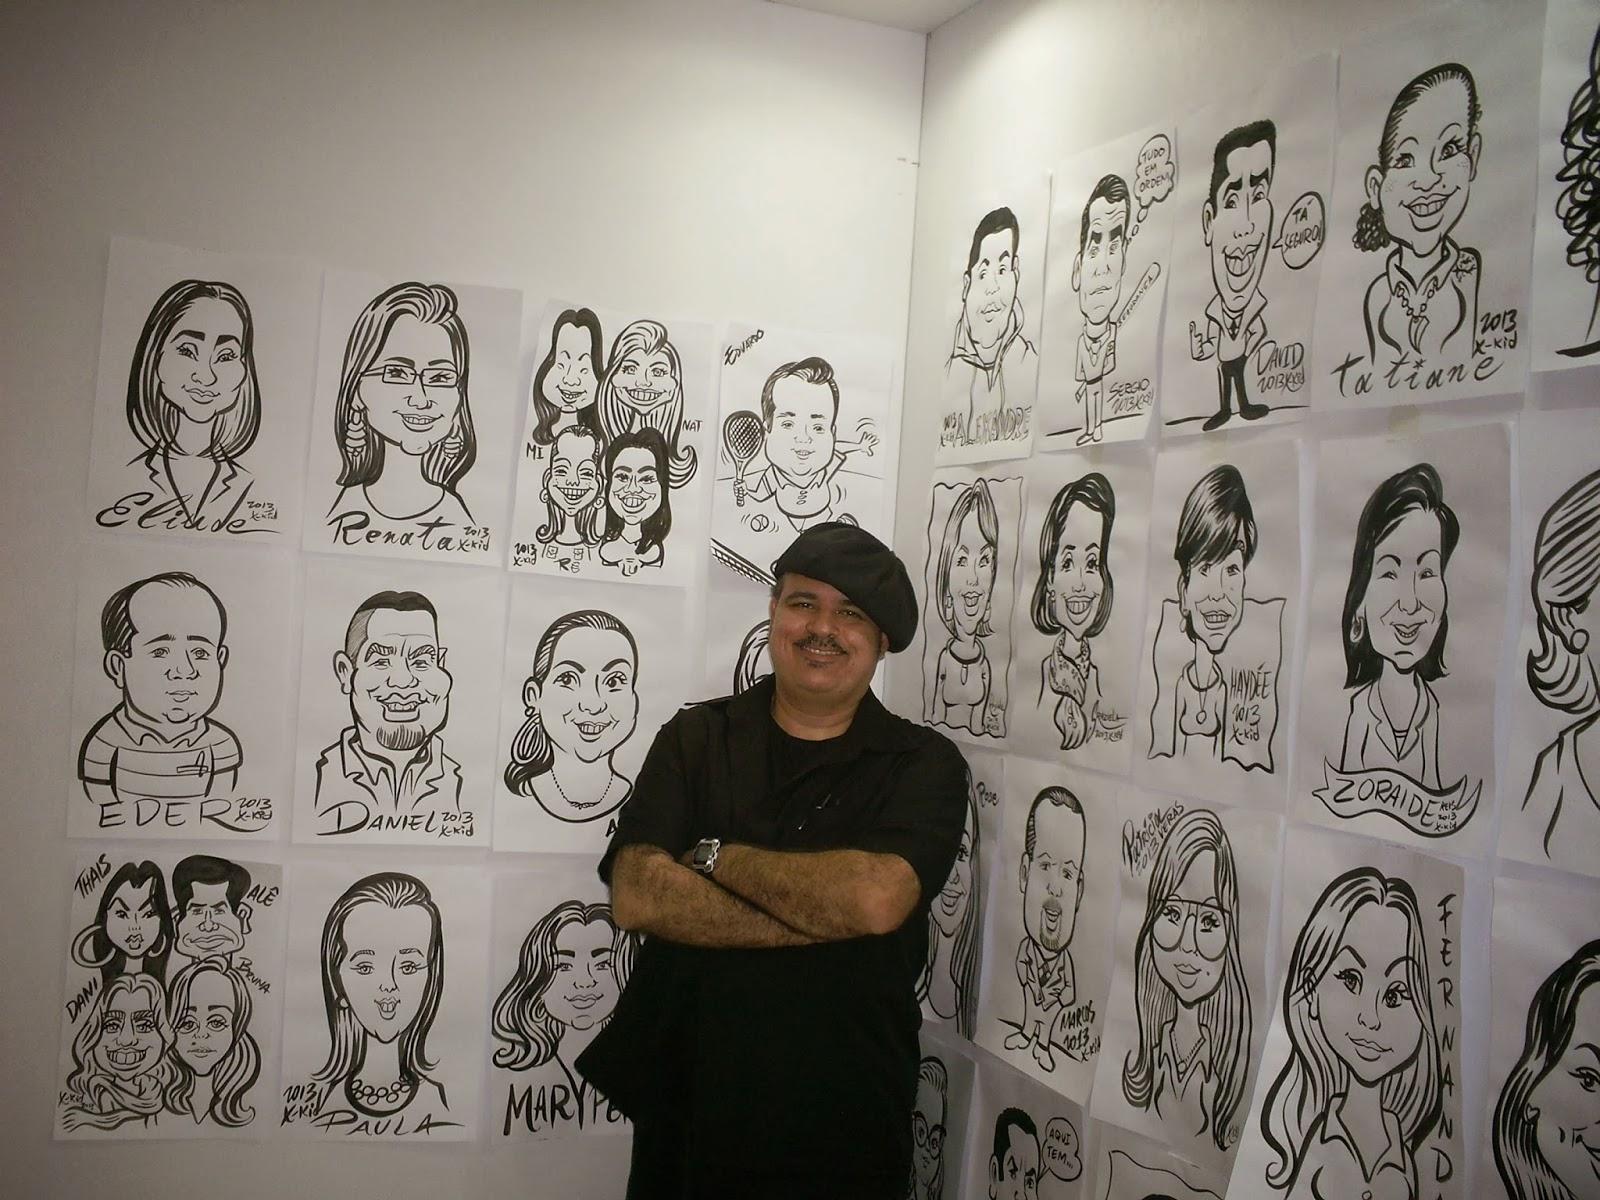 Contrate um Caricaturista para produzir as lembrancinhas do seu evento